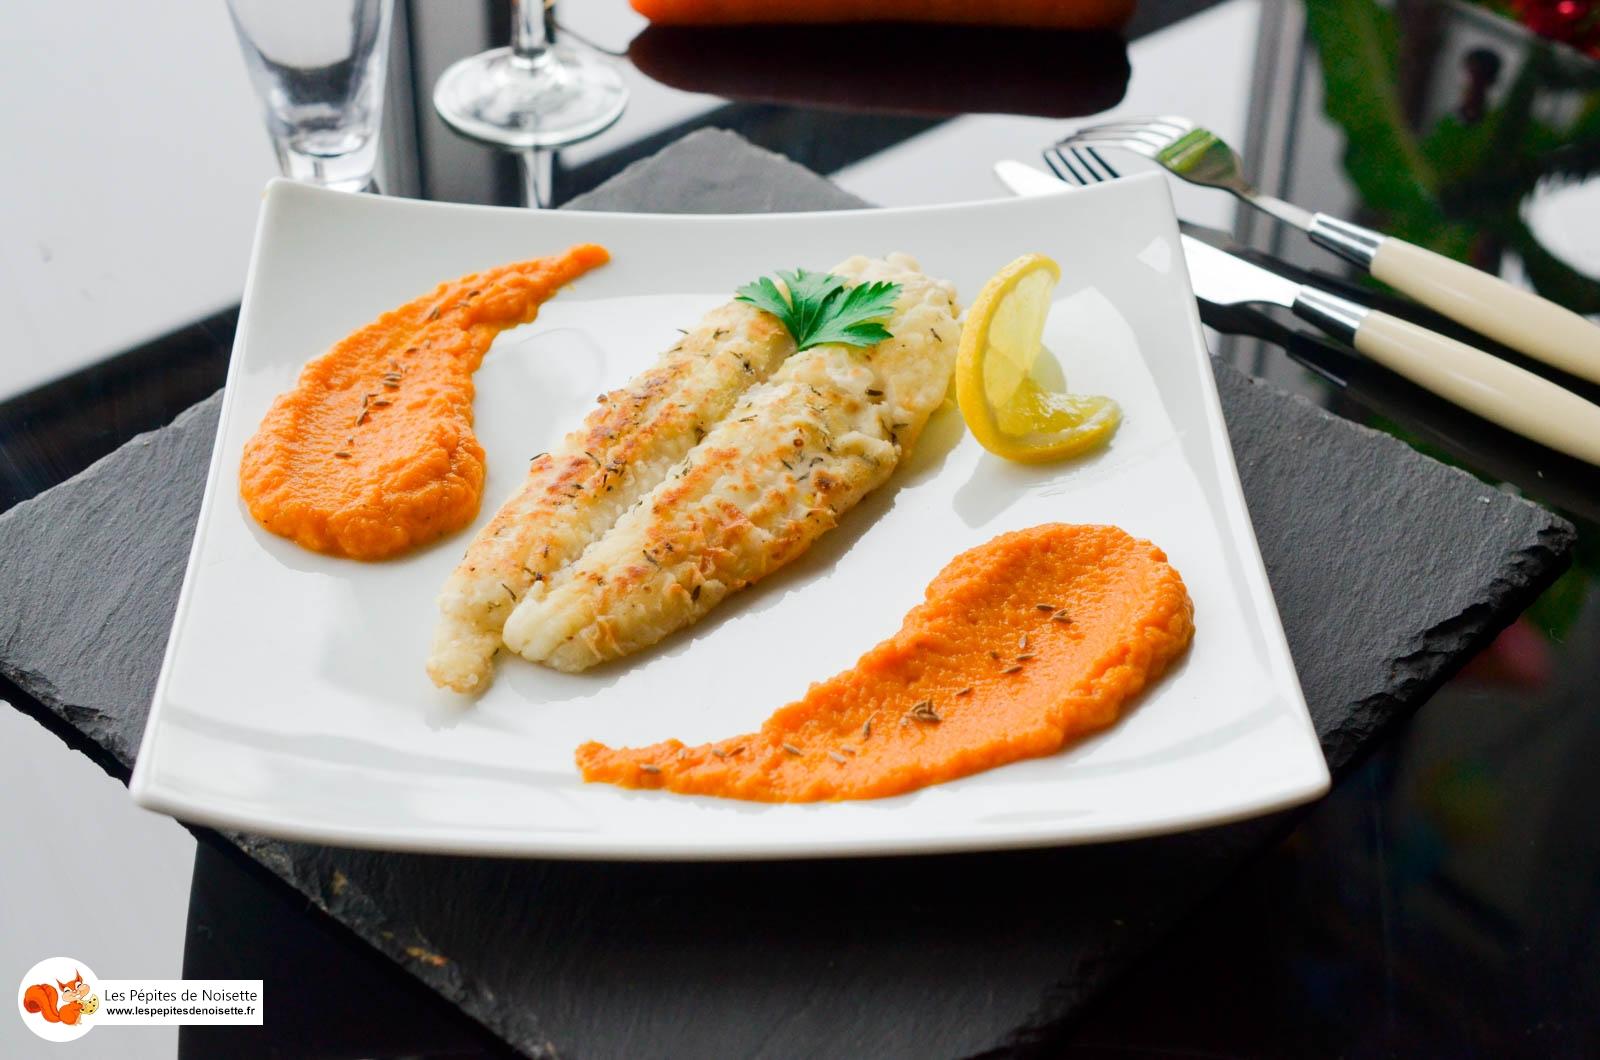 Filet de lieu jaune et sa pur e carottes cumin les p pites de noisette - Comment cuisiner le lieu jaune ...